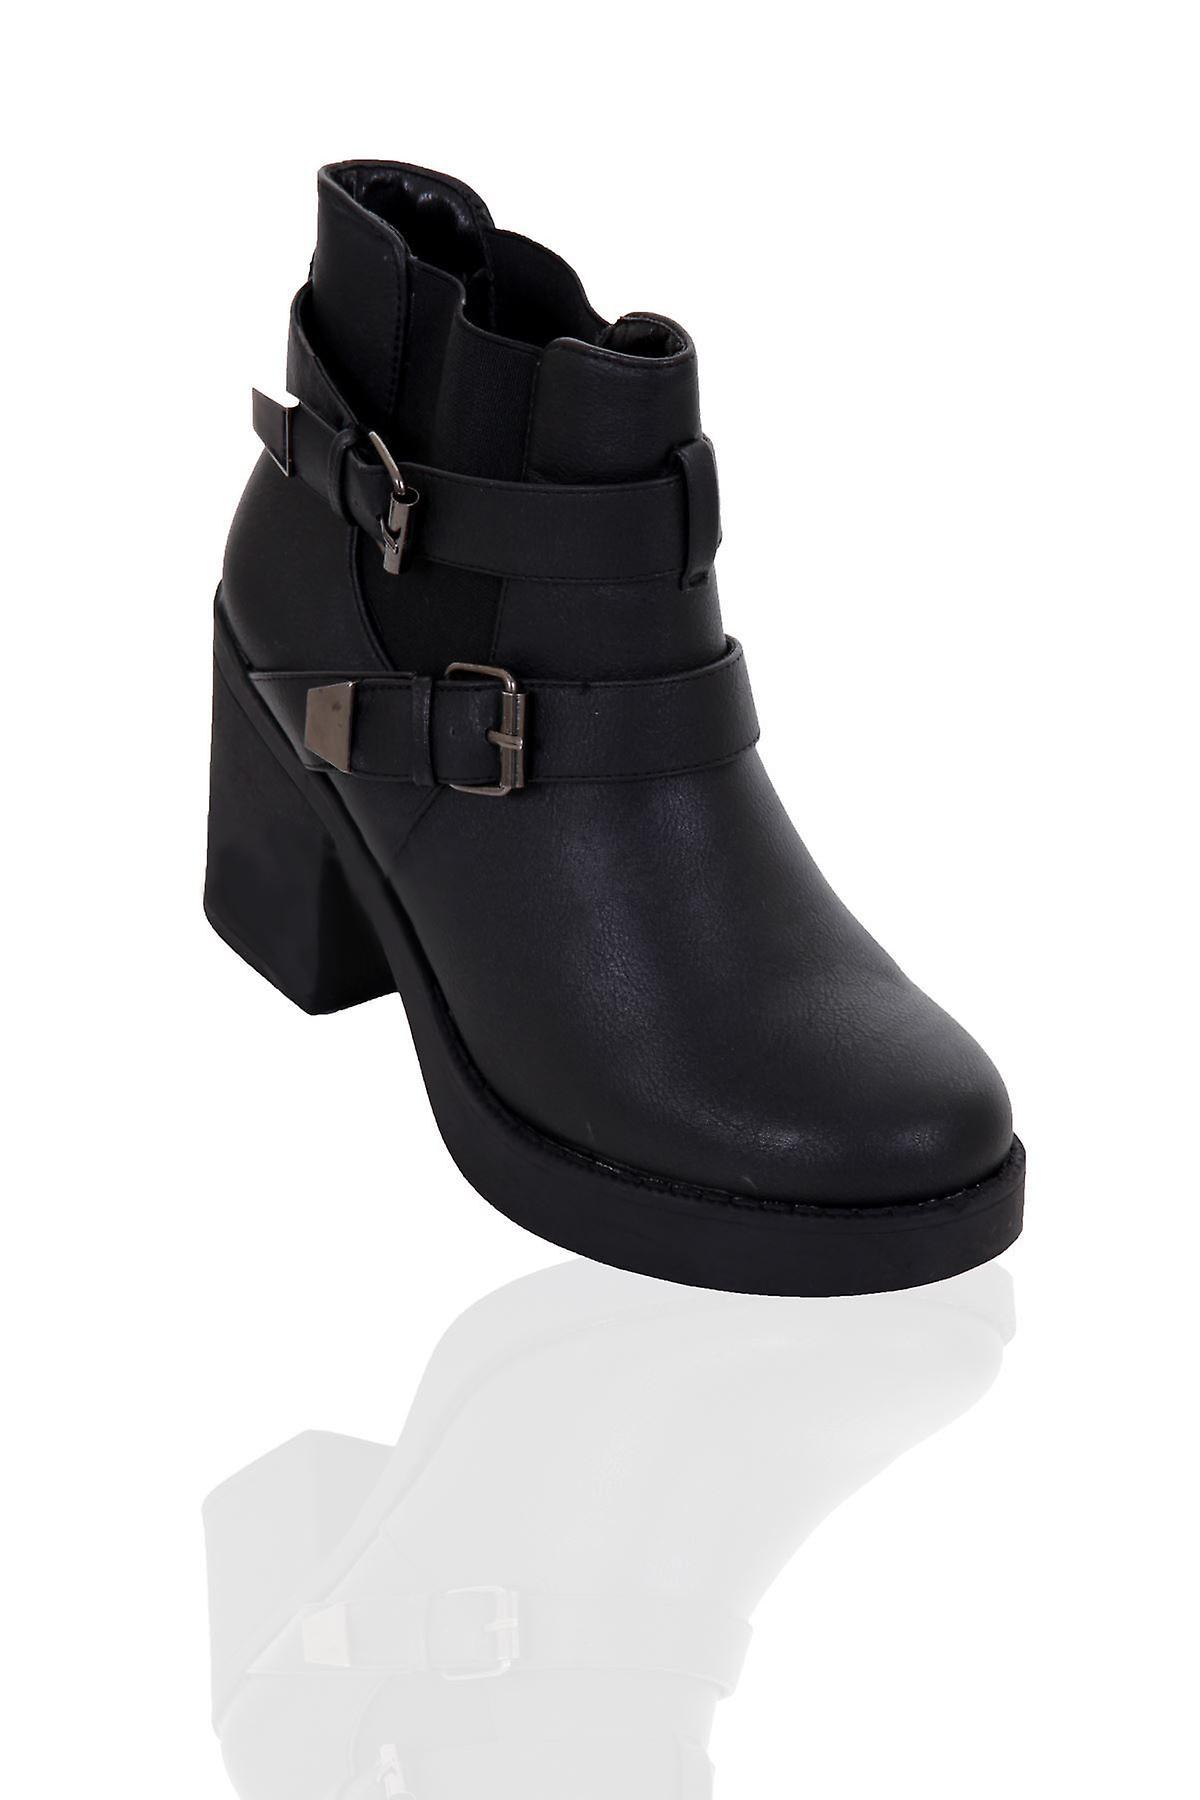 Naisten Platform lohko paksu puolivälissä kantapää hihna solki naisten Biker Boots kengät